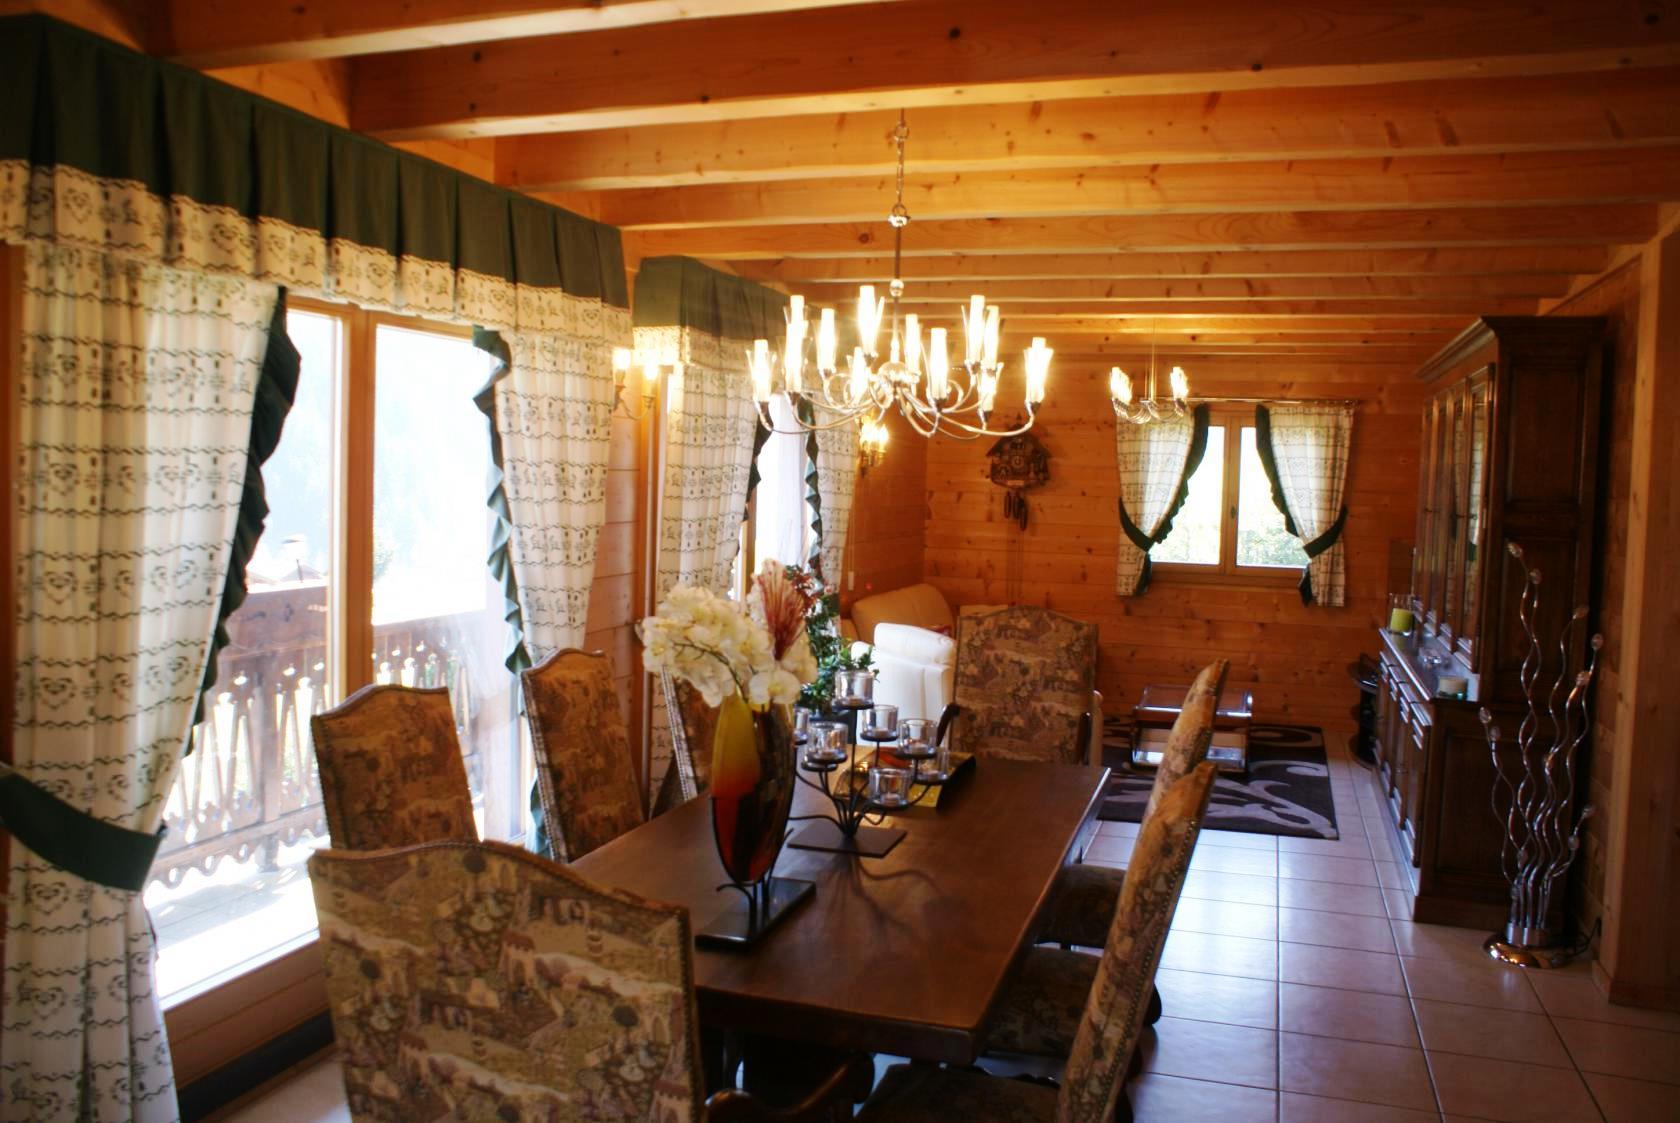 Bright, sunny dining room